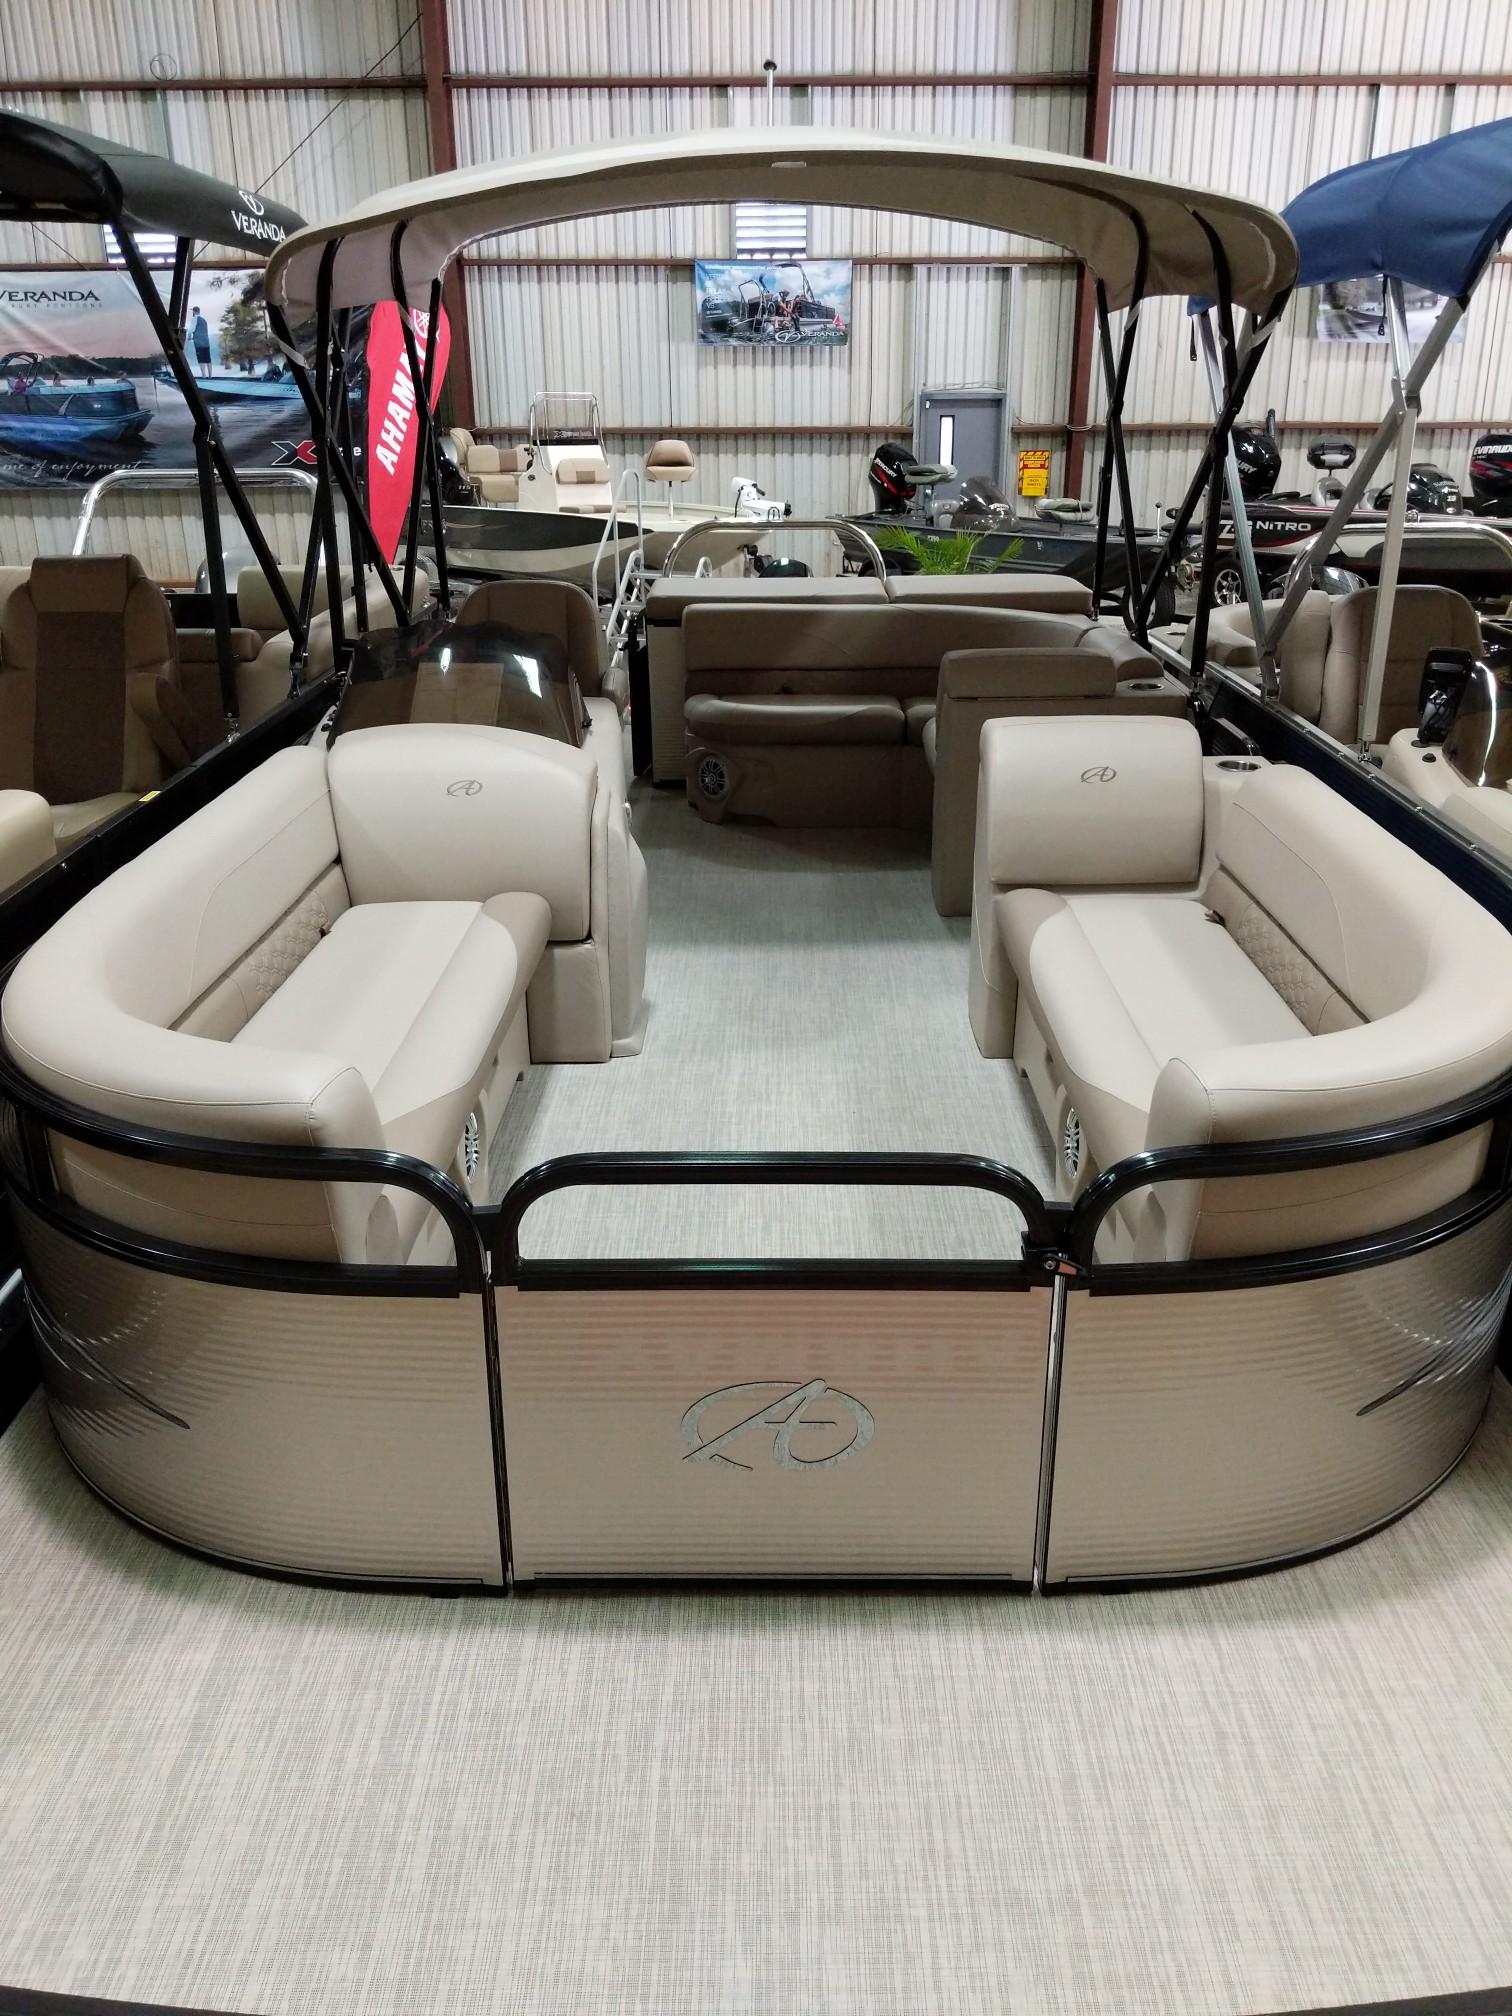 Avalon GS 2385 Cruise Tritoon w/ Suzuki 140 4-stroke